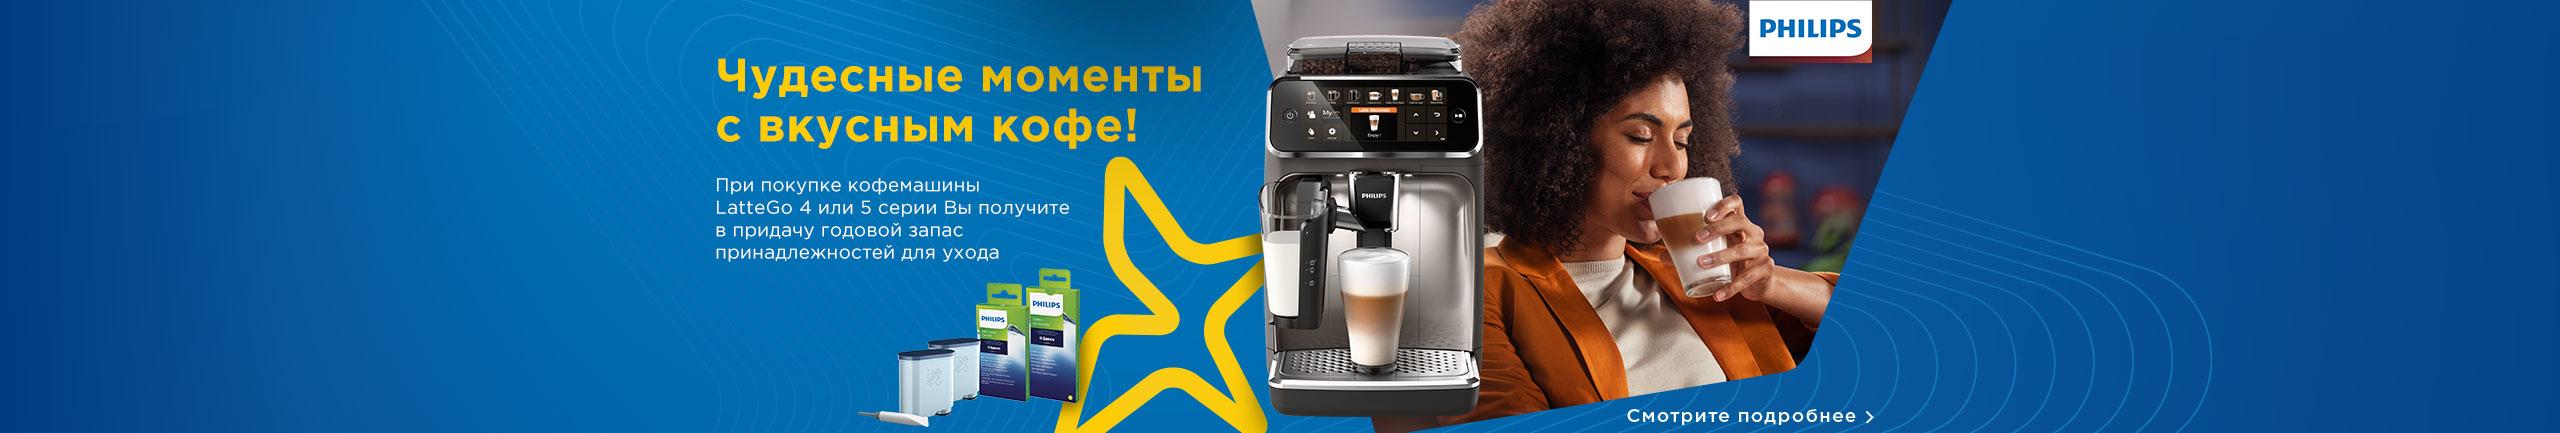 При покупке кофемашины LatteGo Вы получите в подарок